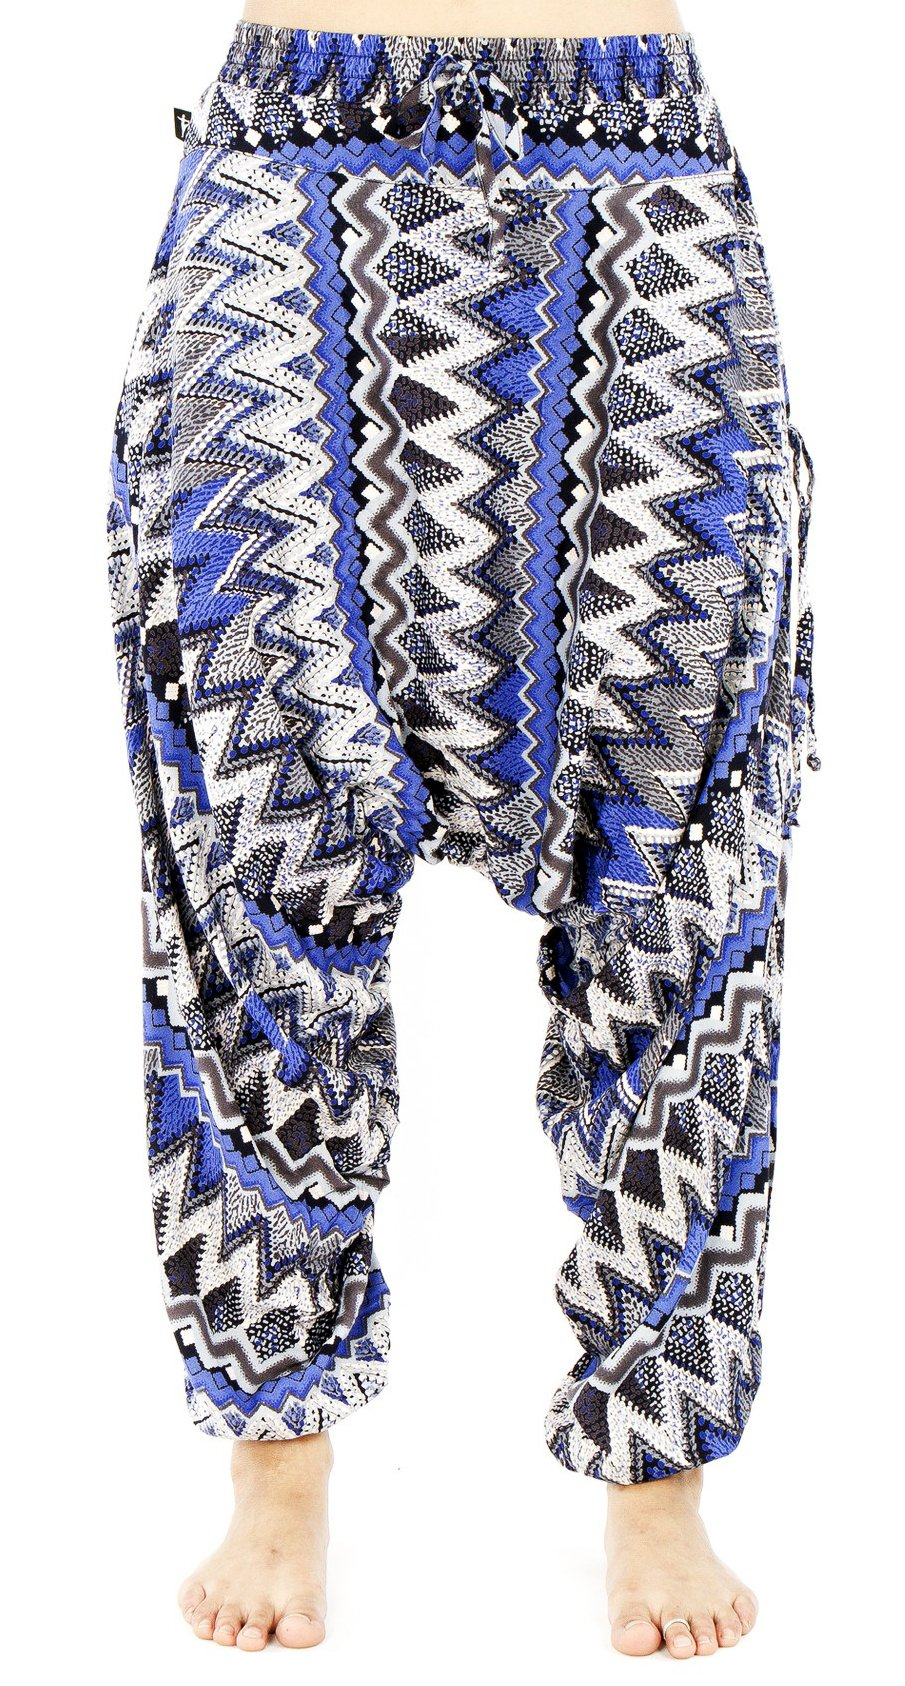 BUDDHA PANTS Premium Cotton Harem Pants Womens Blue Zags Pattern (X-SMALL, BLUE)